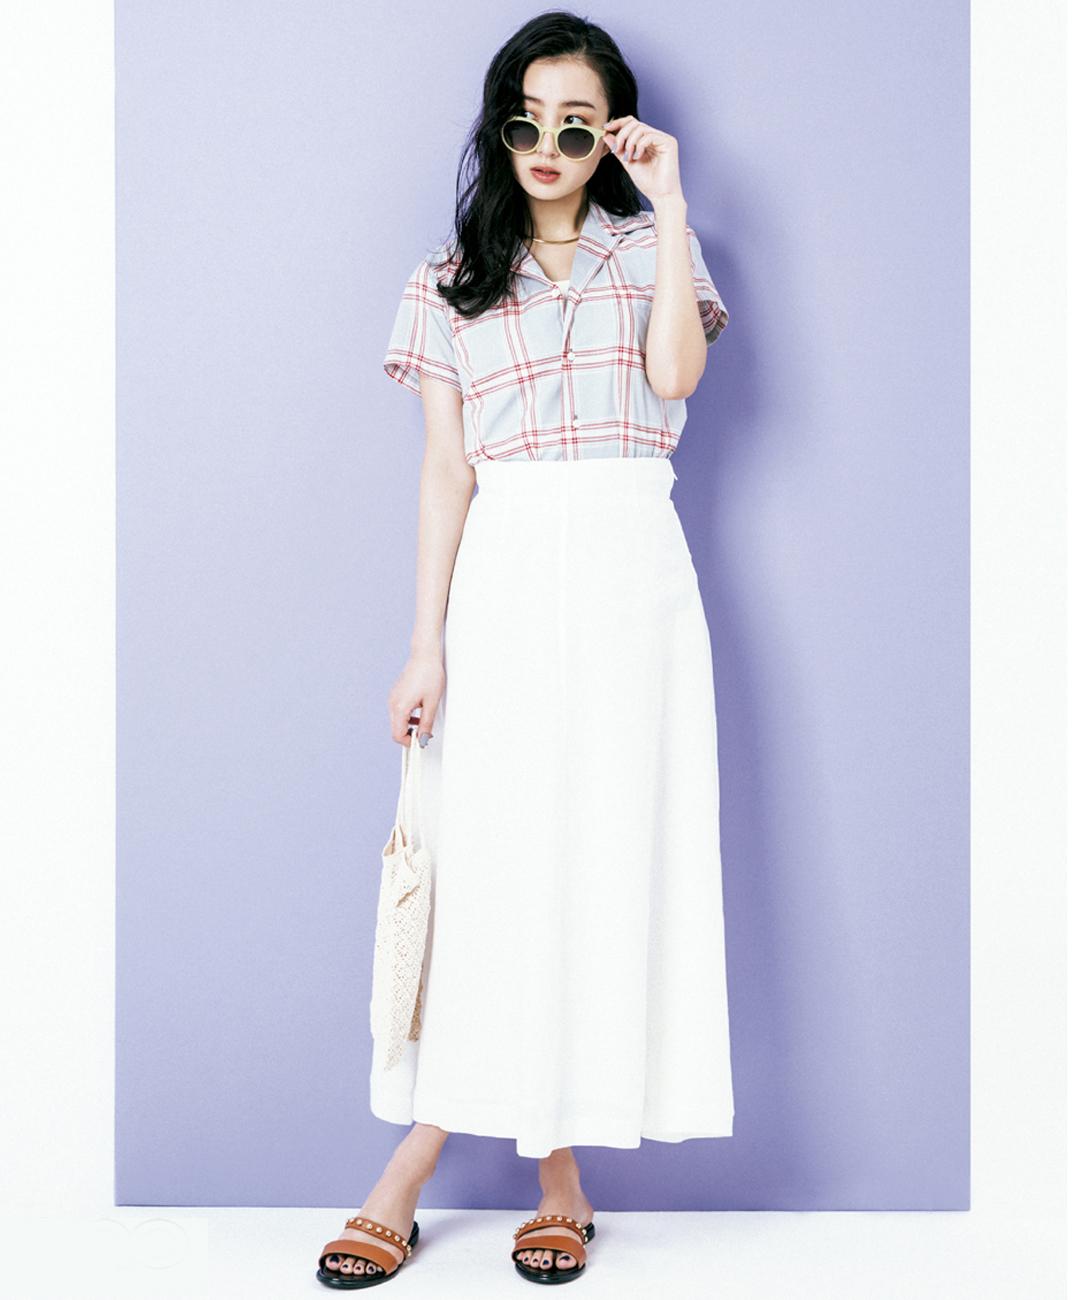 【夏のロングスカートコーデ】高田里穂は、リネンの真っ白スカートでクラス感漂うリゾートカジュアルに★